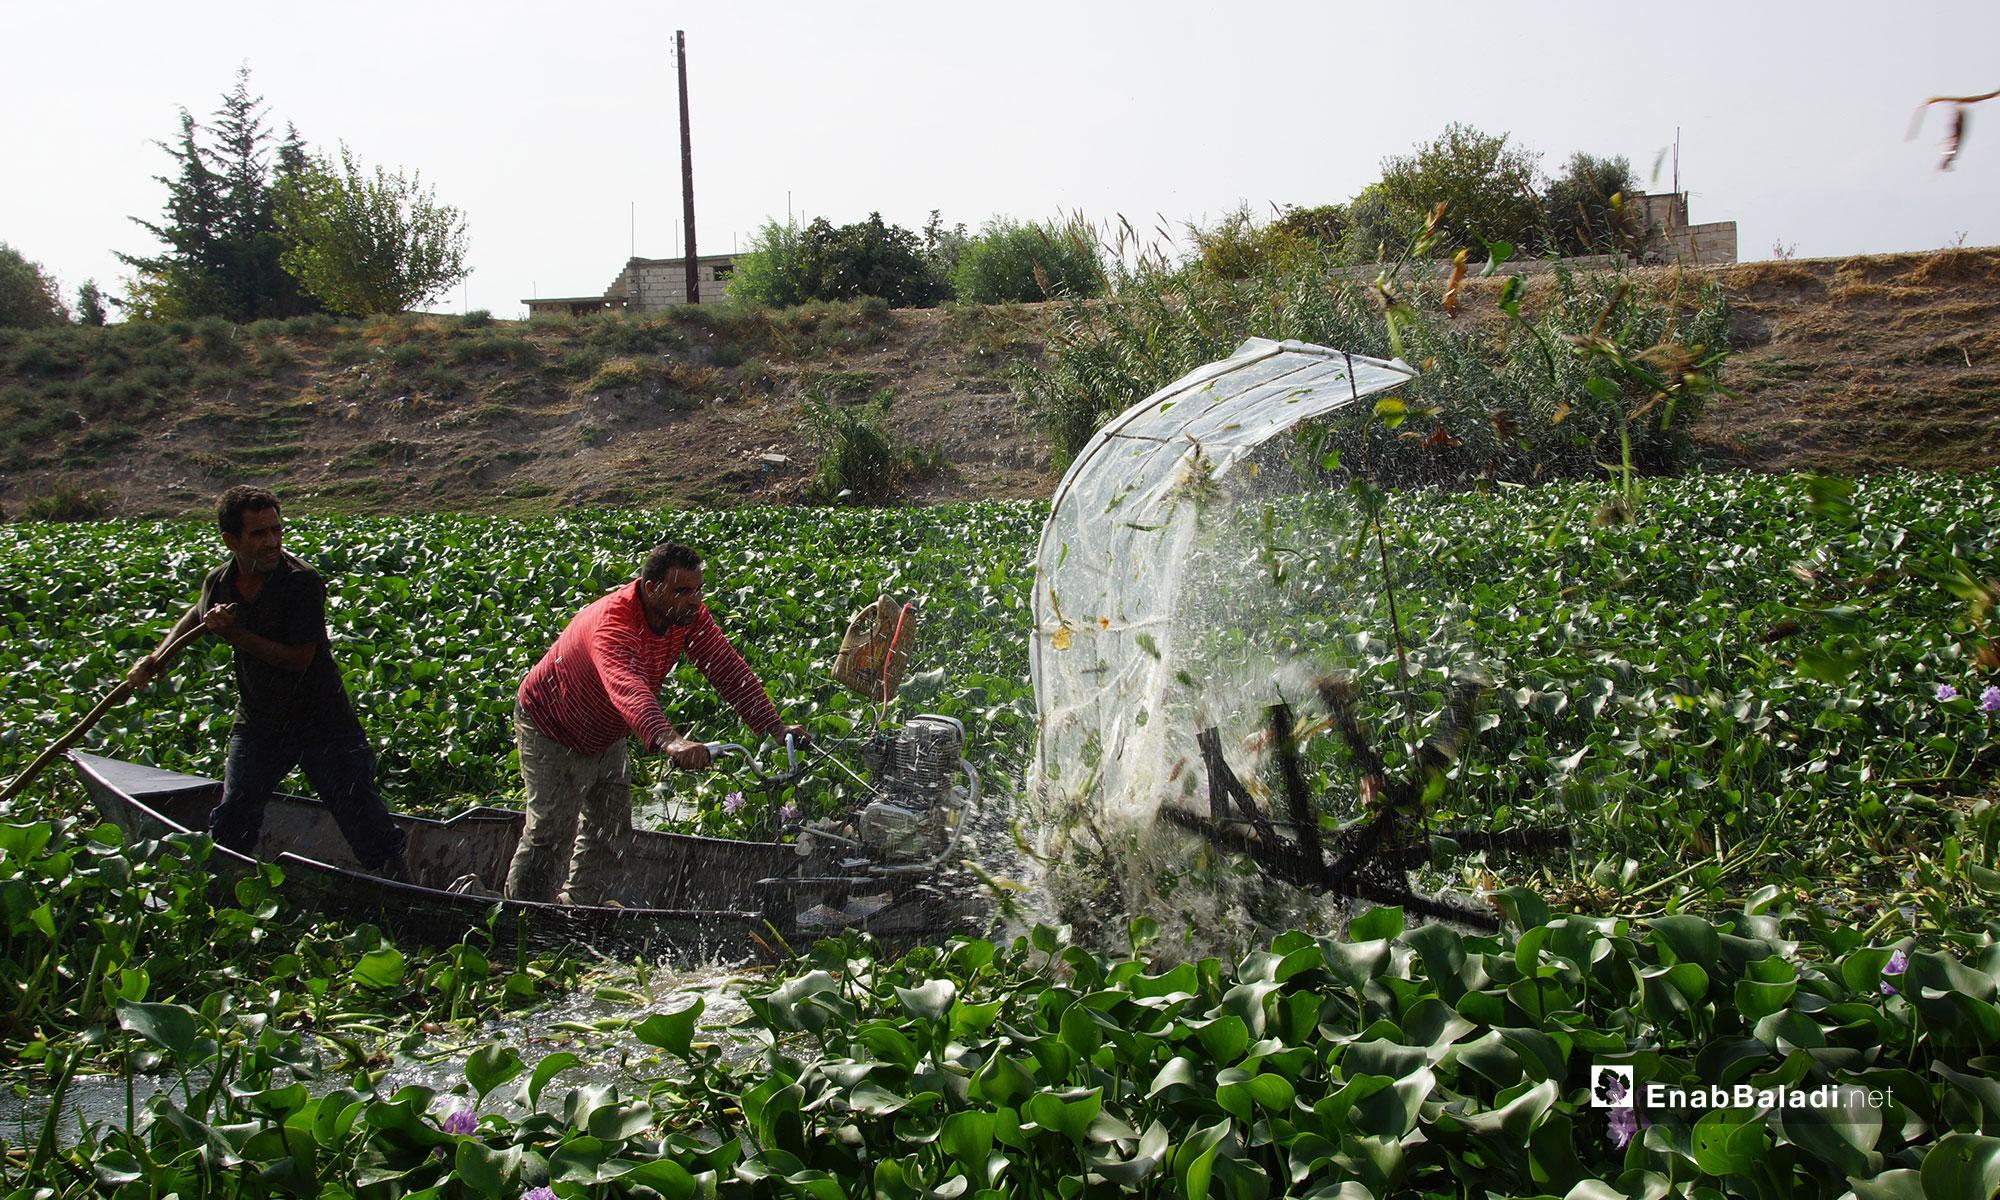 استخدام آلة جديدة للقضاء على زهرة النيل في سهل الغاب بريف حماة - 30 من تشرين الاول 2018 (عنب بلدي)